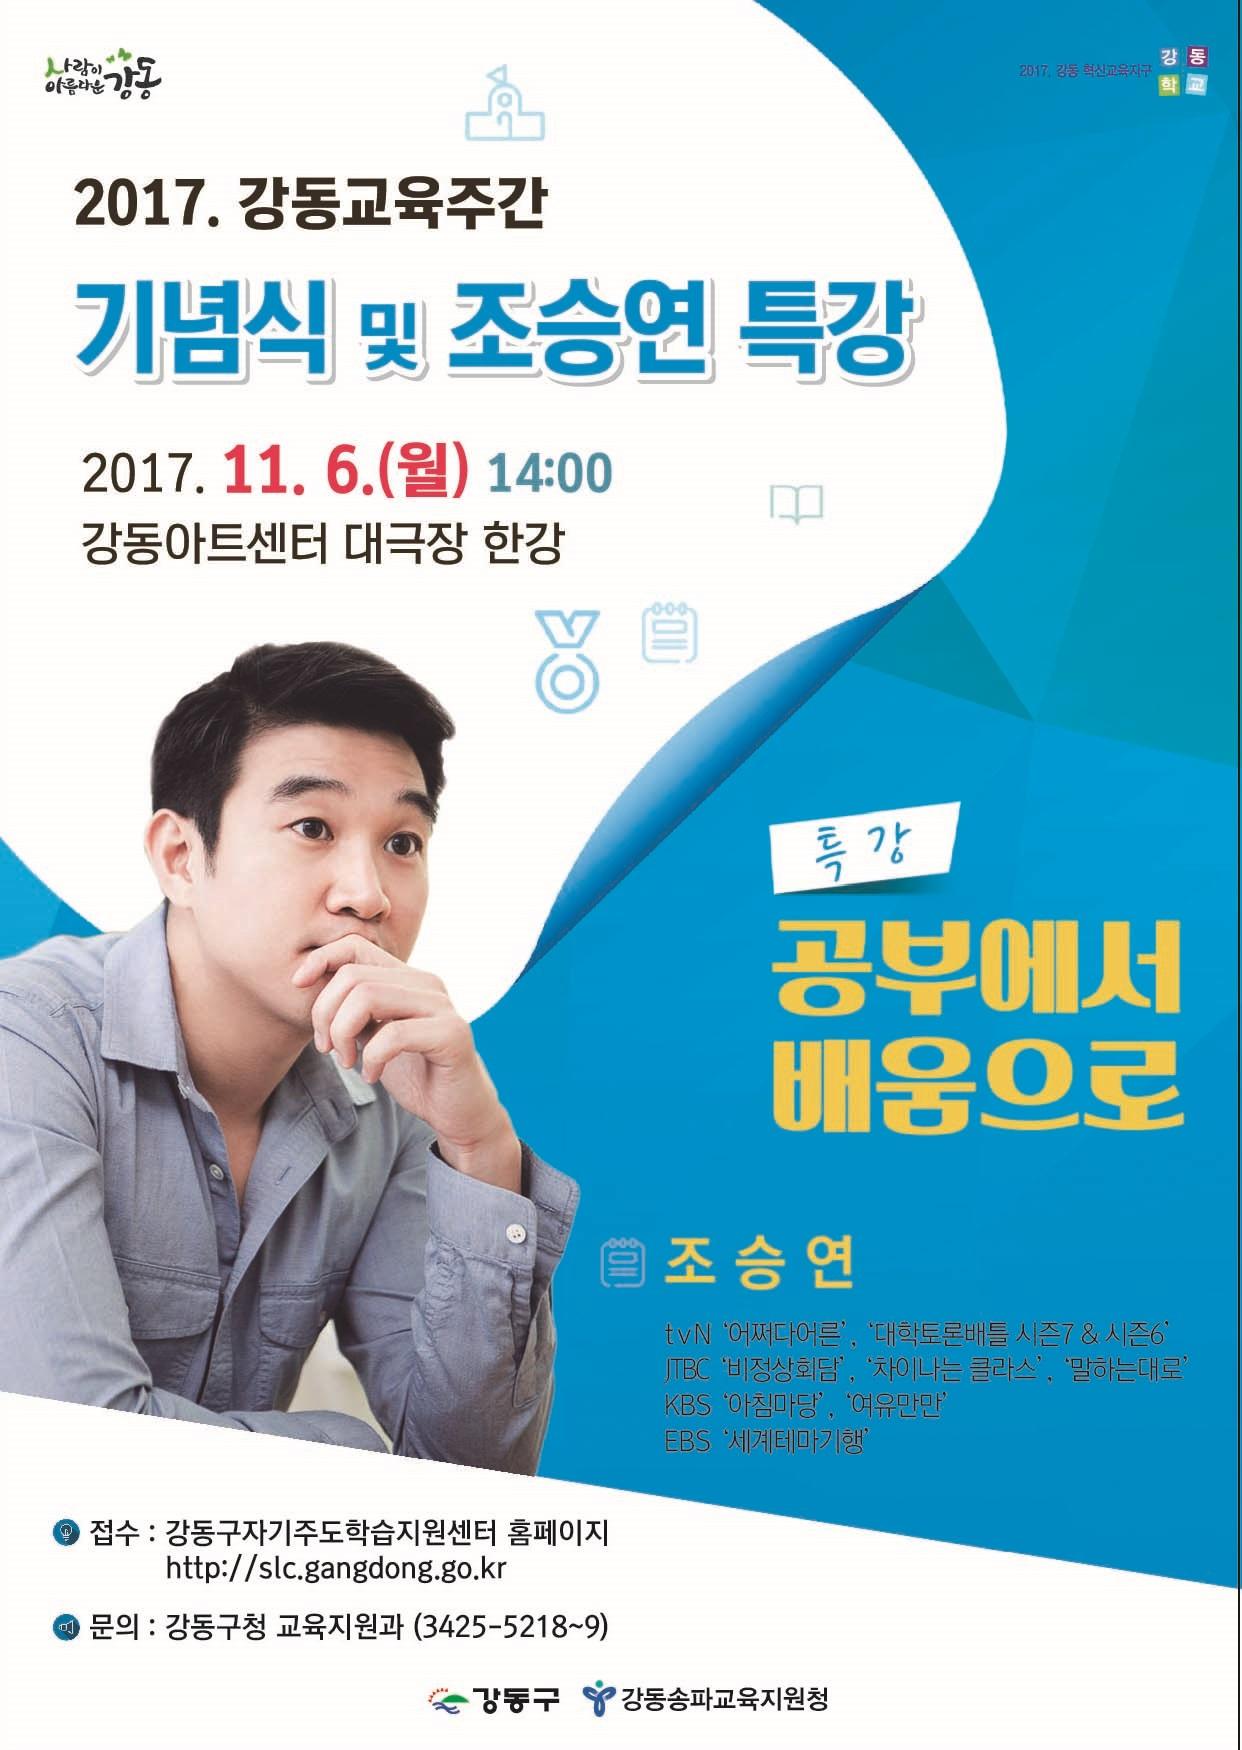 2017 강동교육주간 기념식 및 조승연 특강.jpg